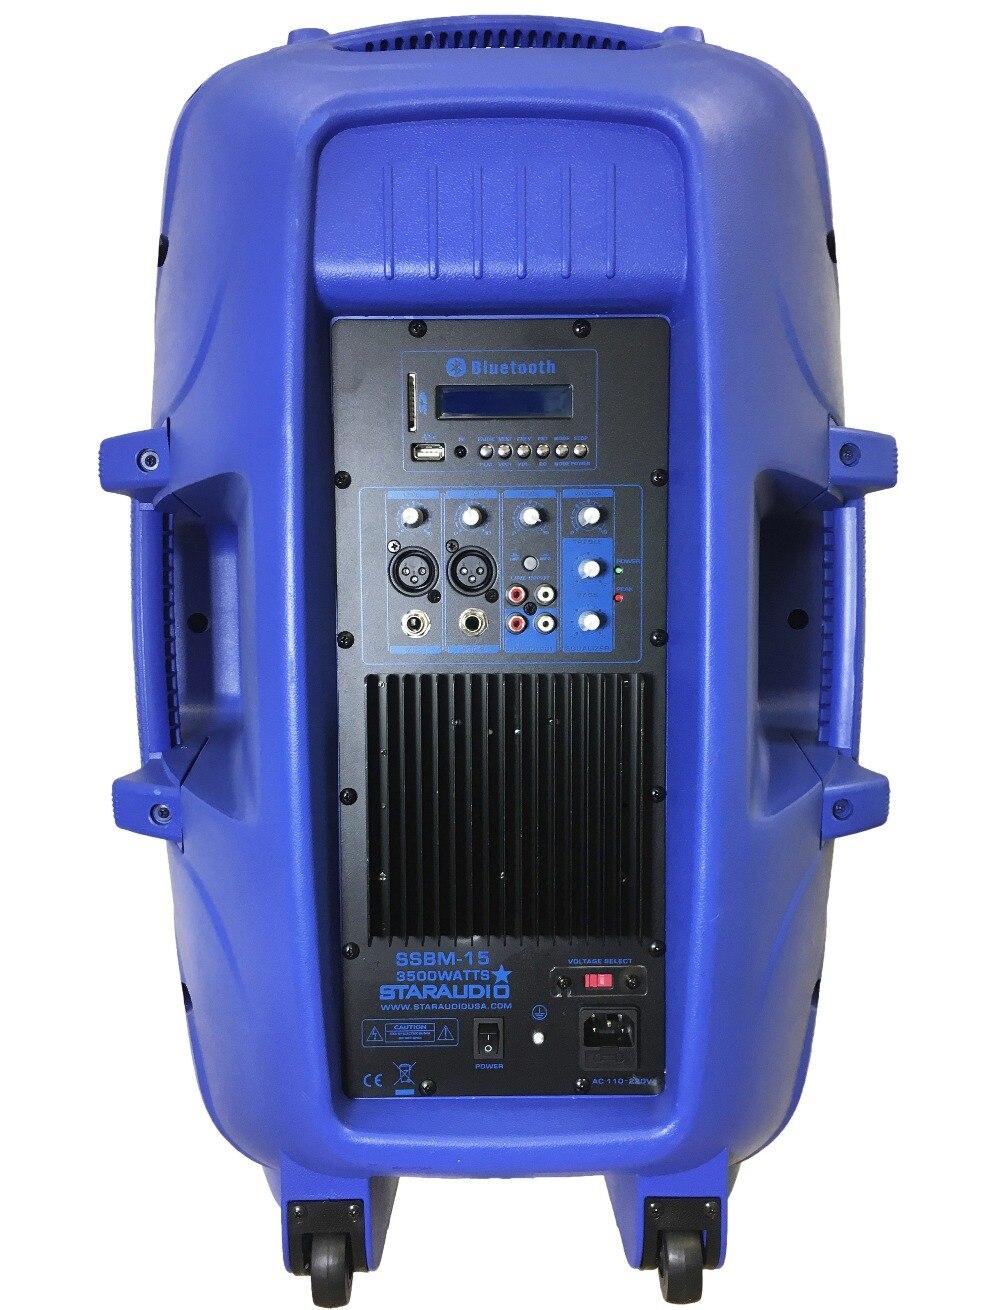 STARAUDIO Blue 15 3500W Power Active PA DJ Stage KTV Speaker with 2CH UHF Wireless Mics 1 Stand 1 Wired Mic SSBM-15RGB